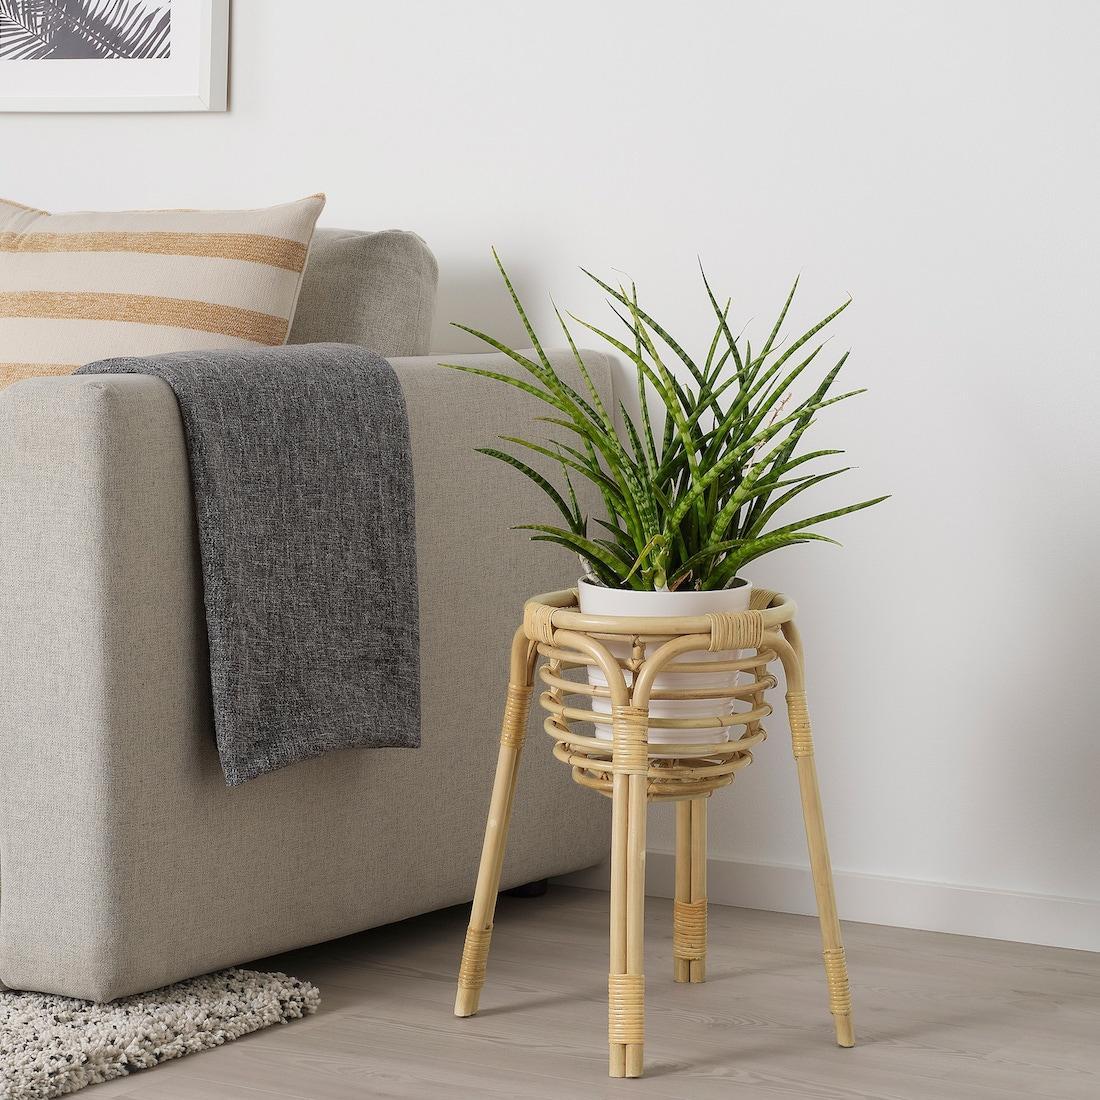 Piedistallo in rottan BUSKBO - Design e foto by Ikea